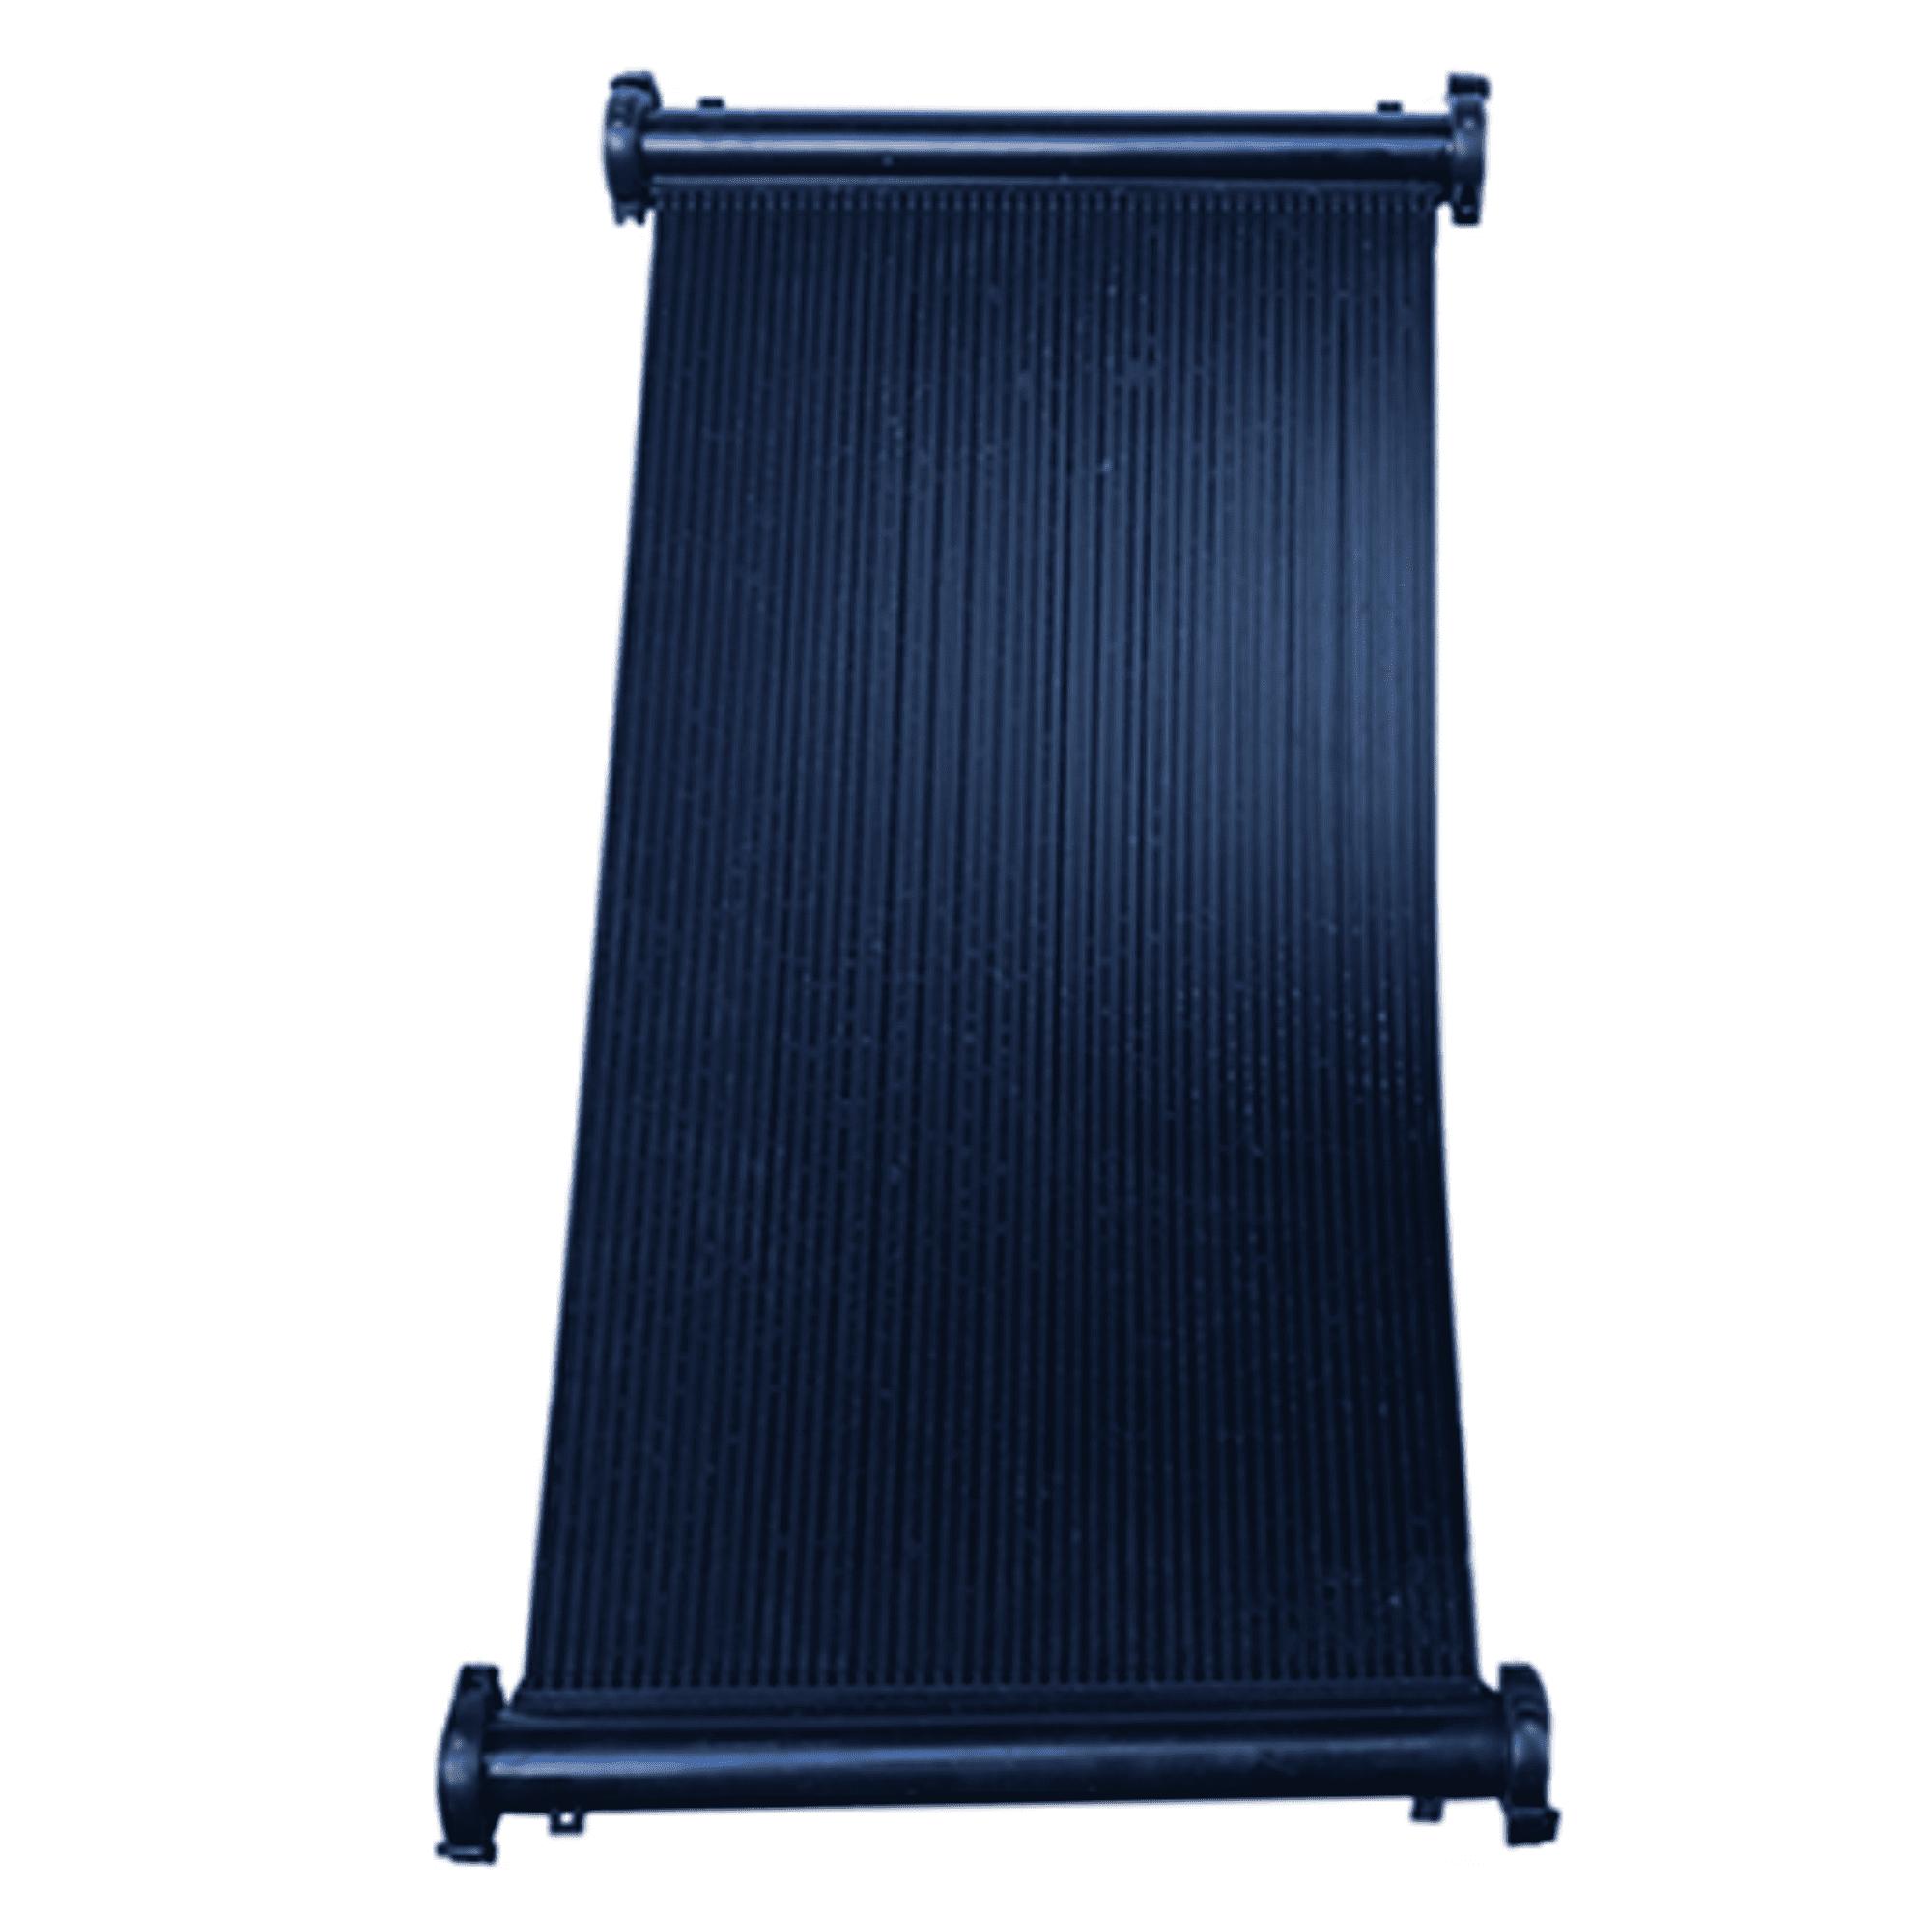 Aquecedor Solar para Piscina 1,5M² (3,00x0,50m)